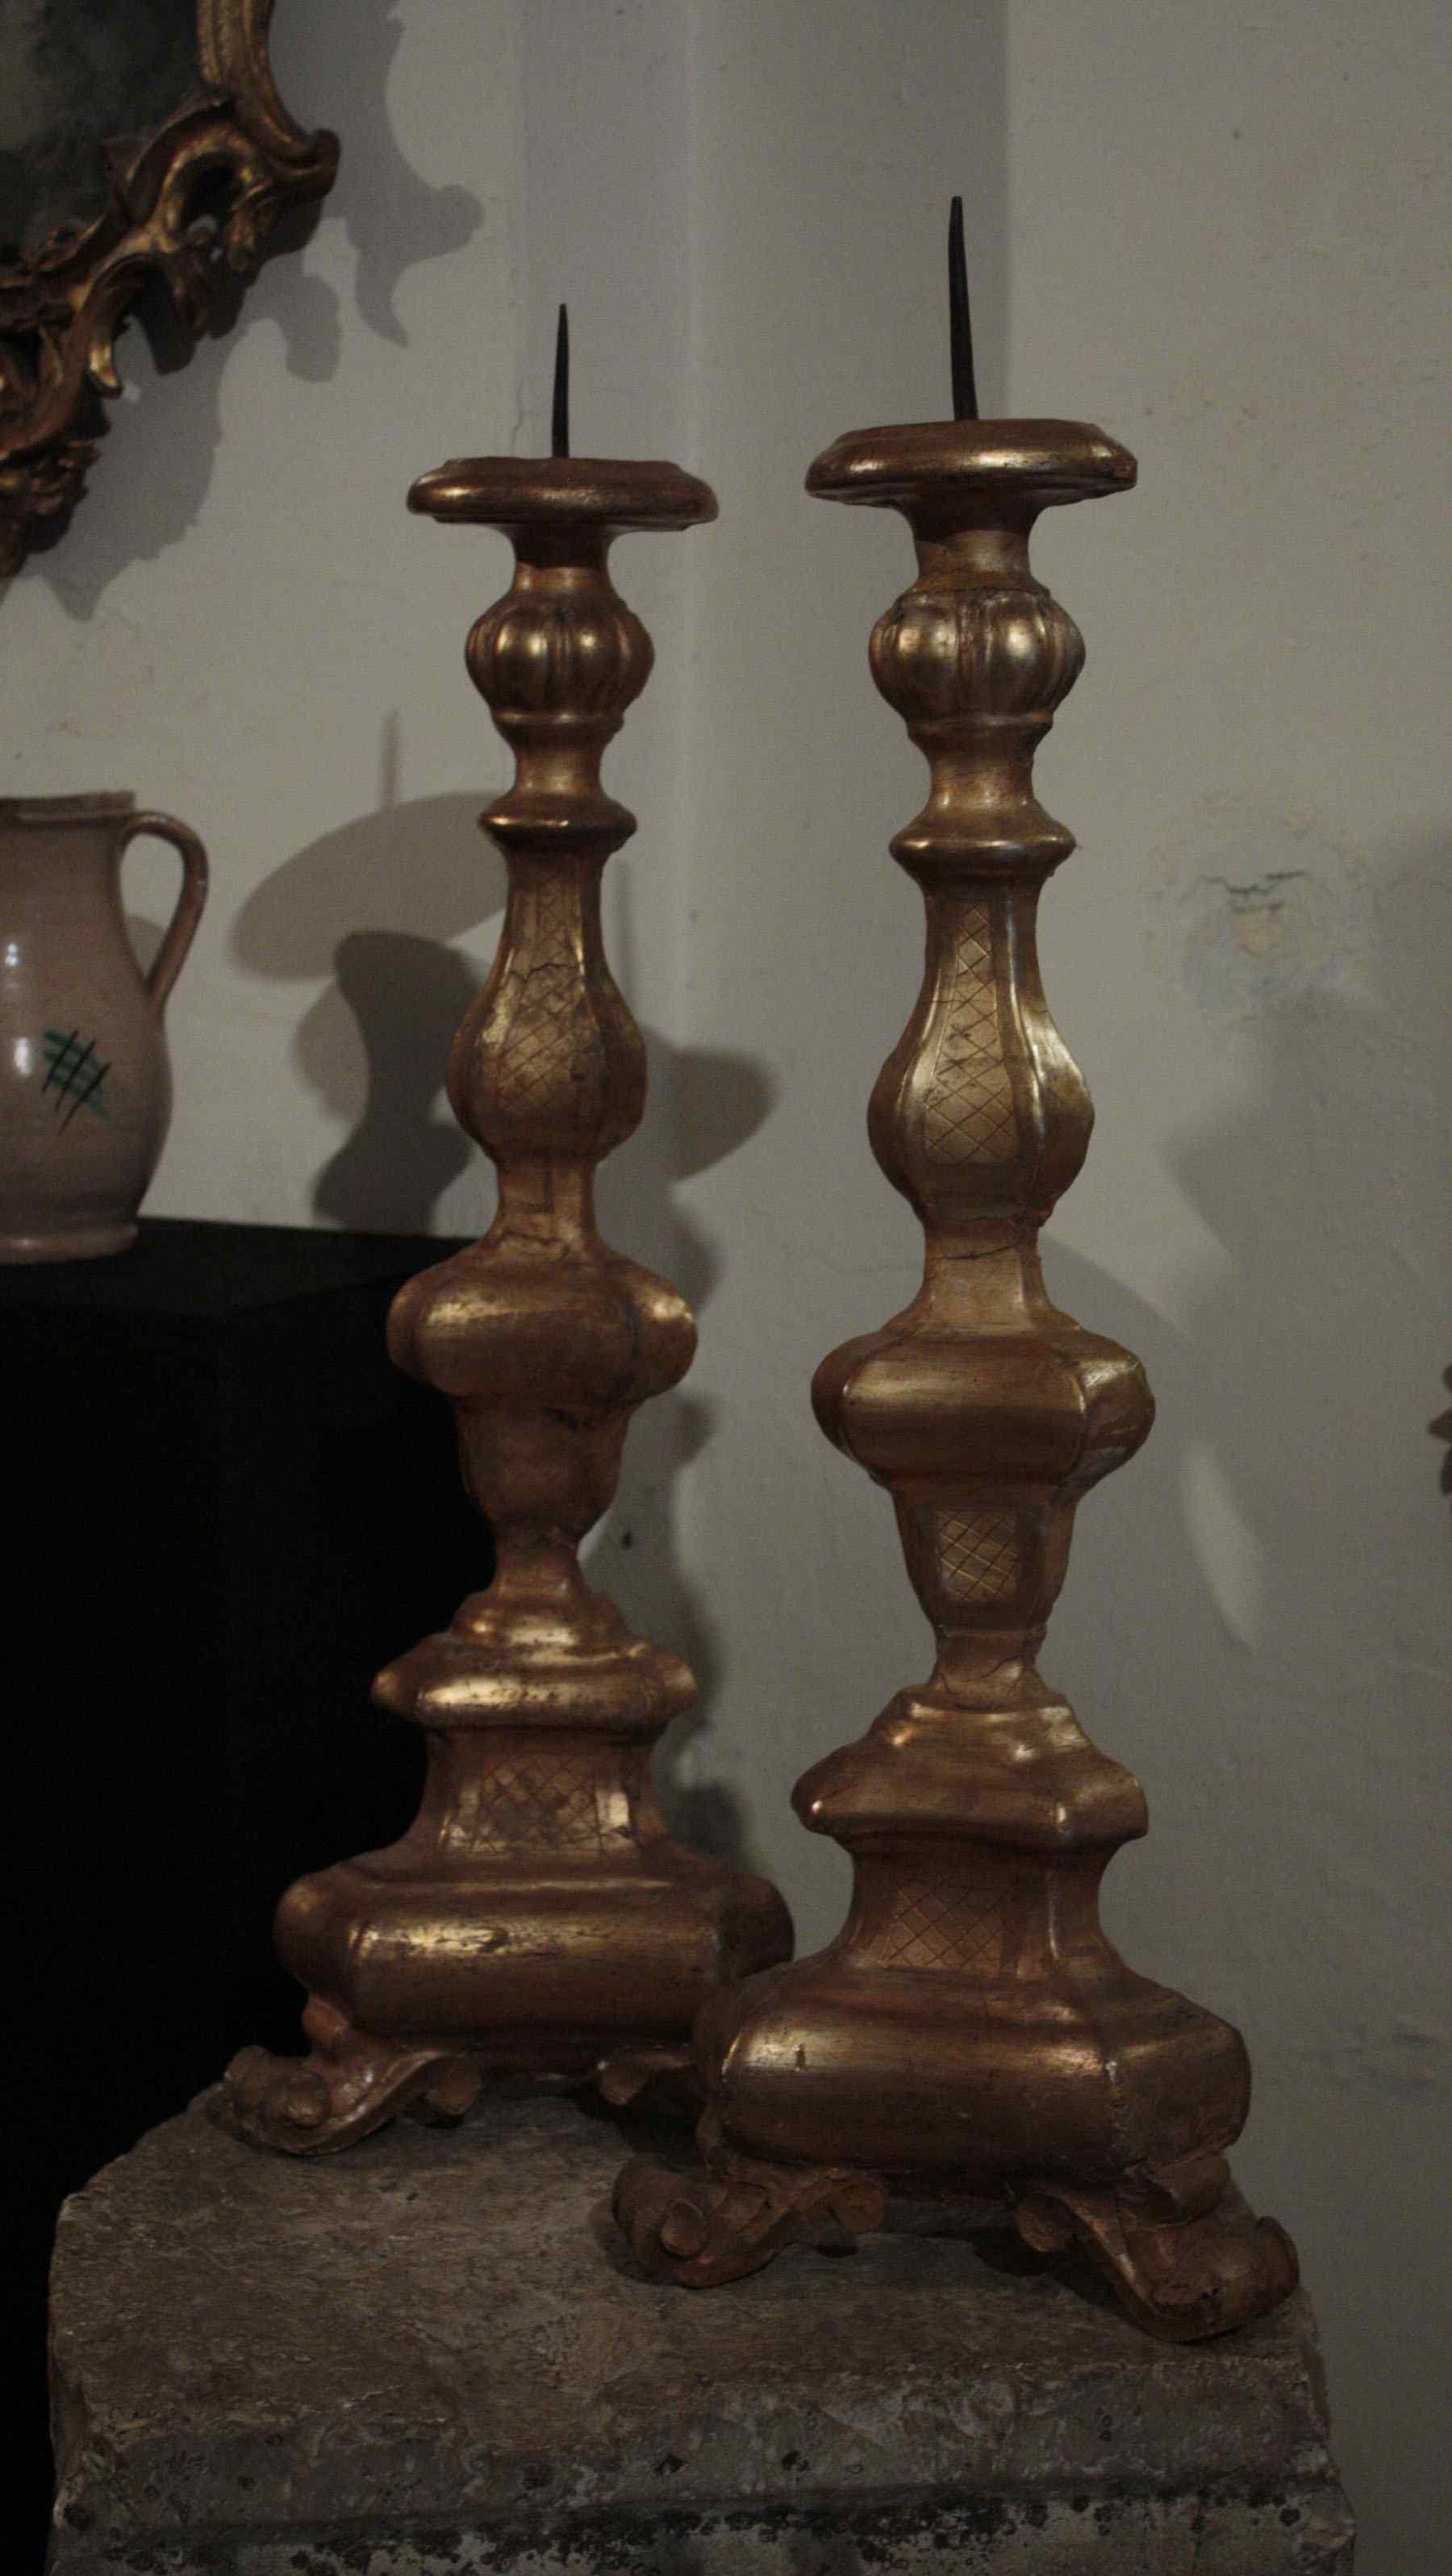 A pair of golden wooden candlesticks